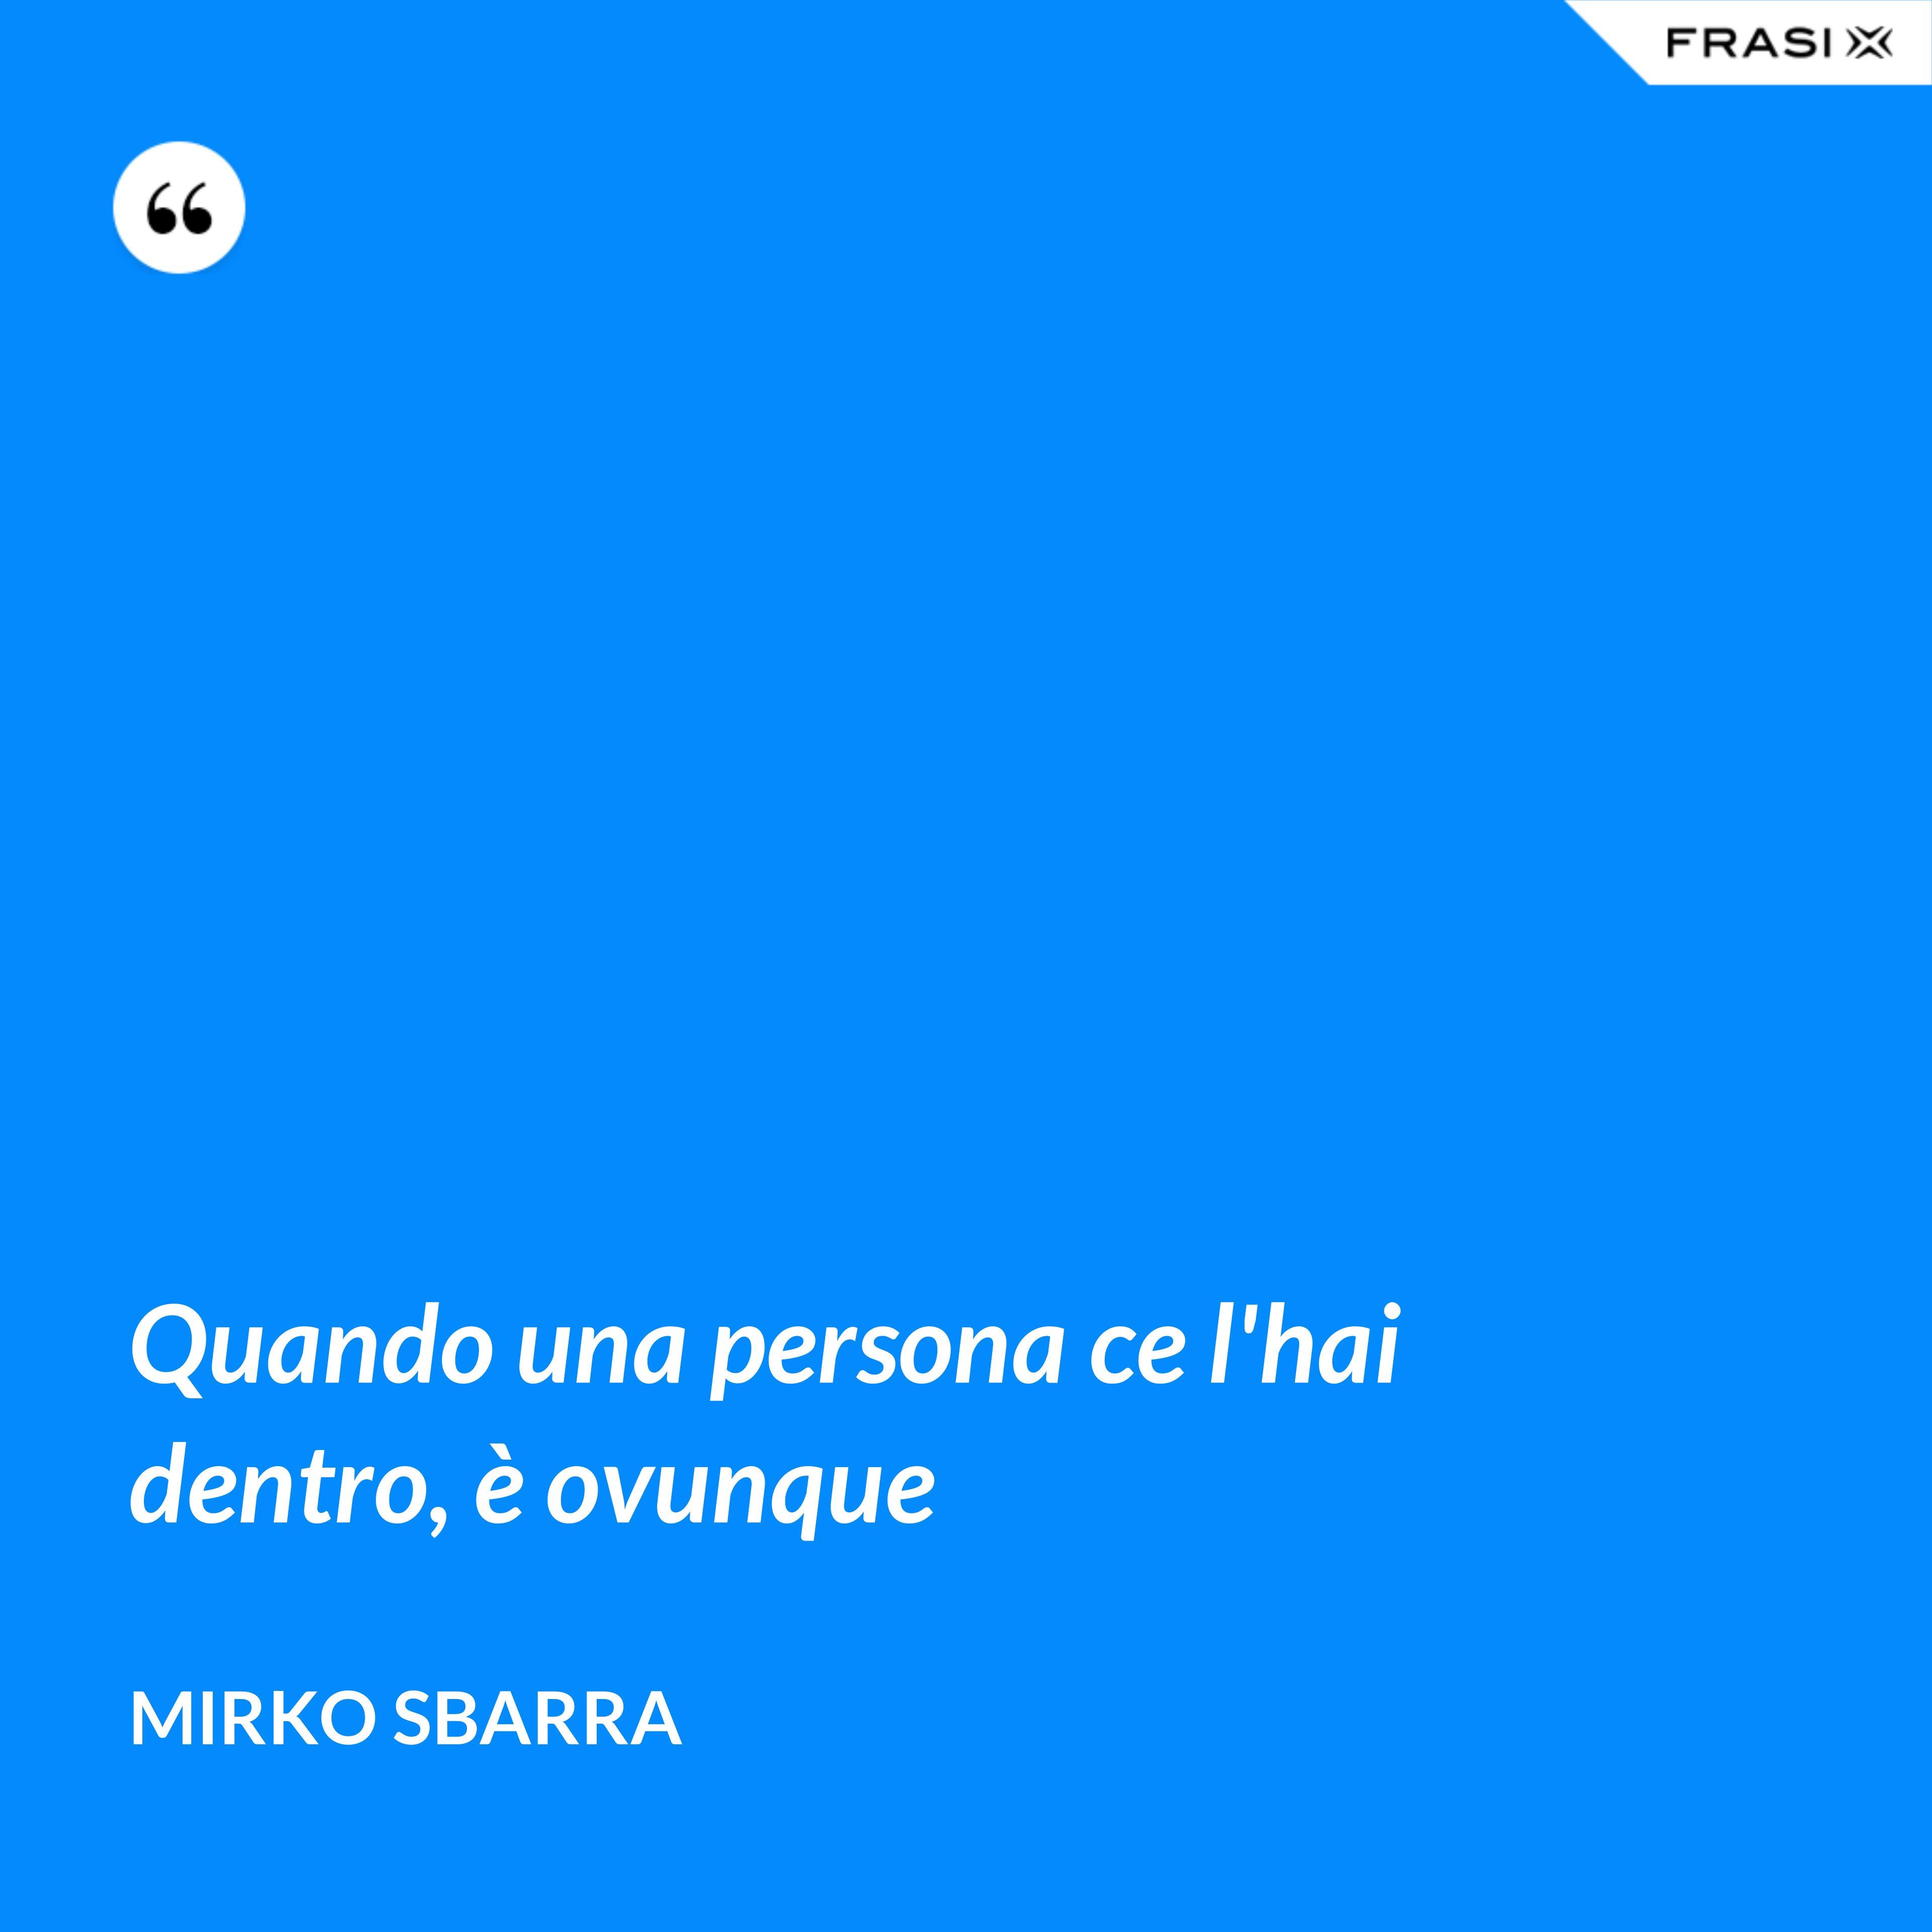 Quando una persona ce l'hai dentro, è ovunque - Mirko Sbarra